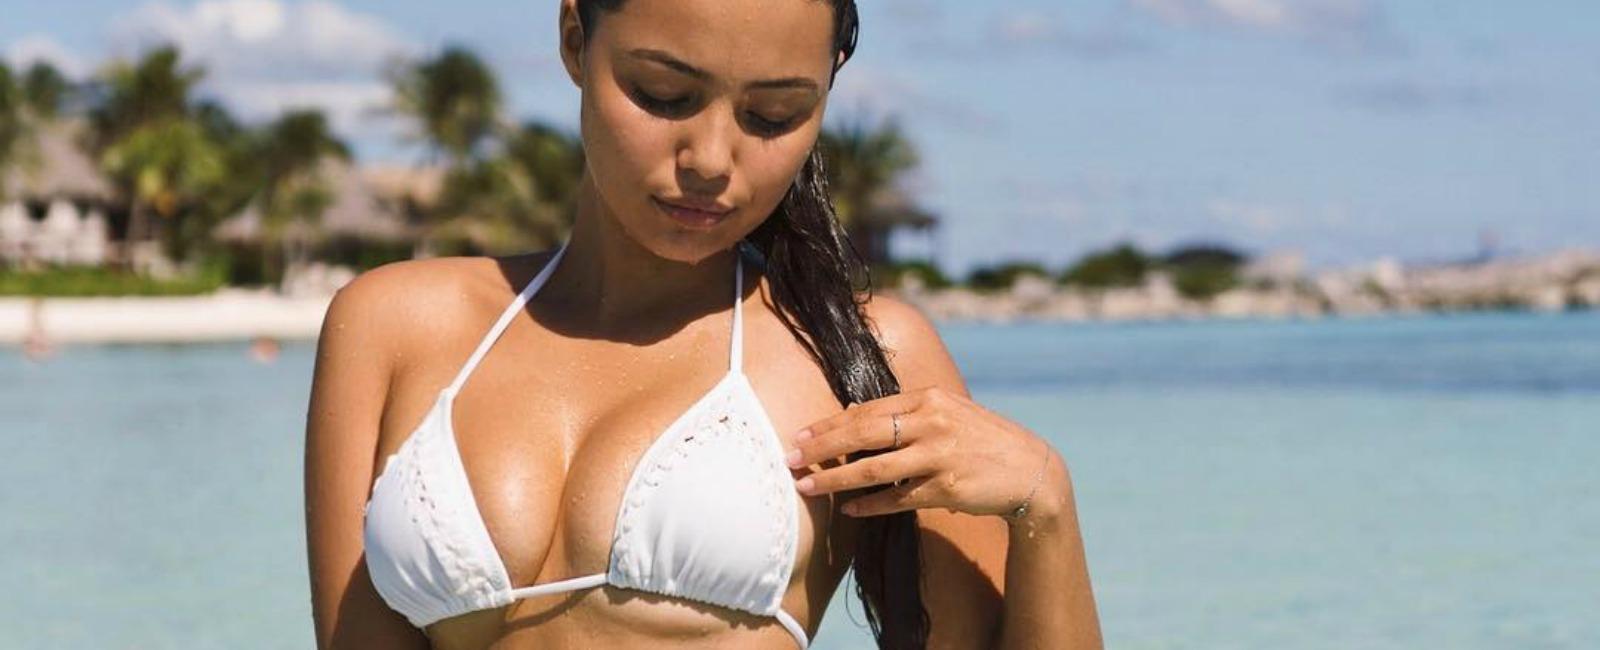 Φωτογραφίες του καυτά σέξι κορίτσι μελαχροινή μεγάλη λεία έβενο